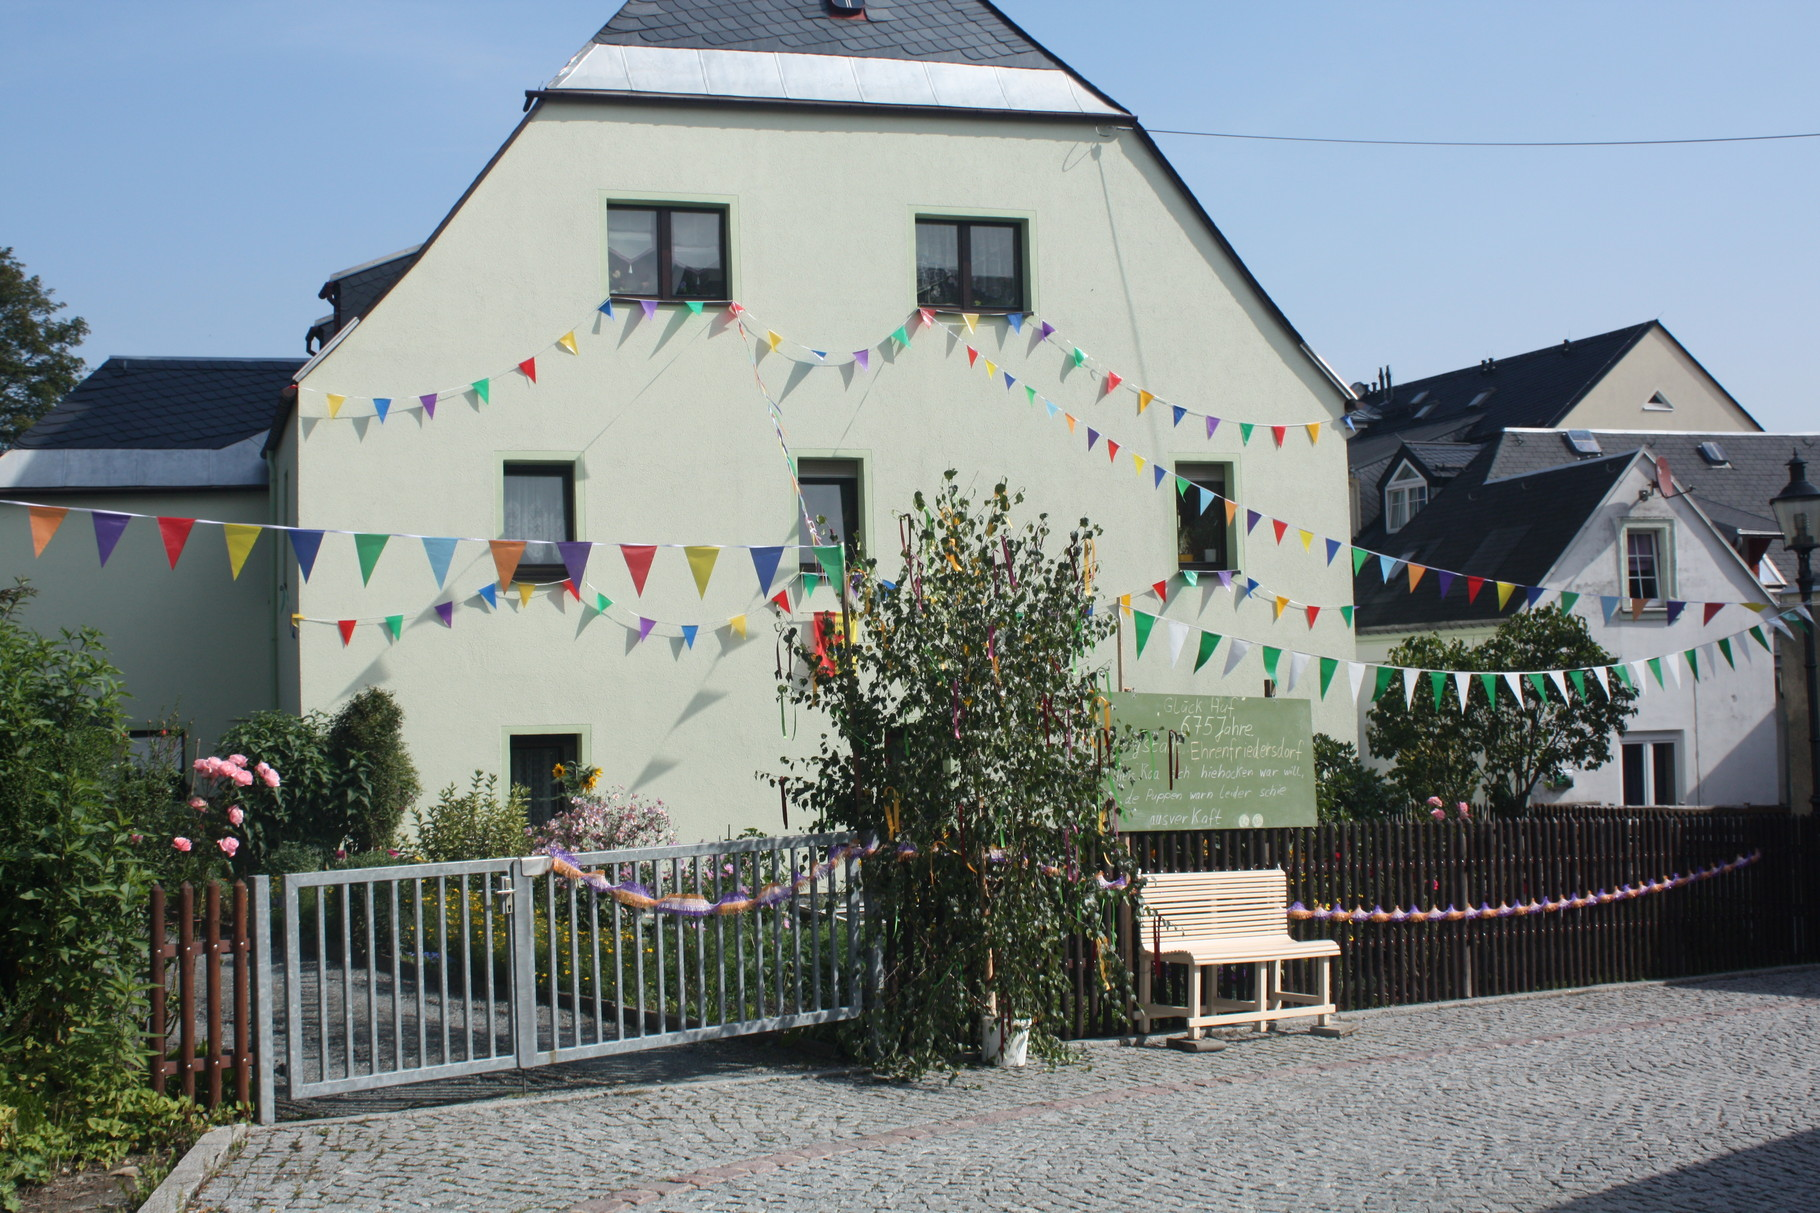 Unser Haus zur 675 Jahrfeier von Ehrenfriedersdorf